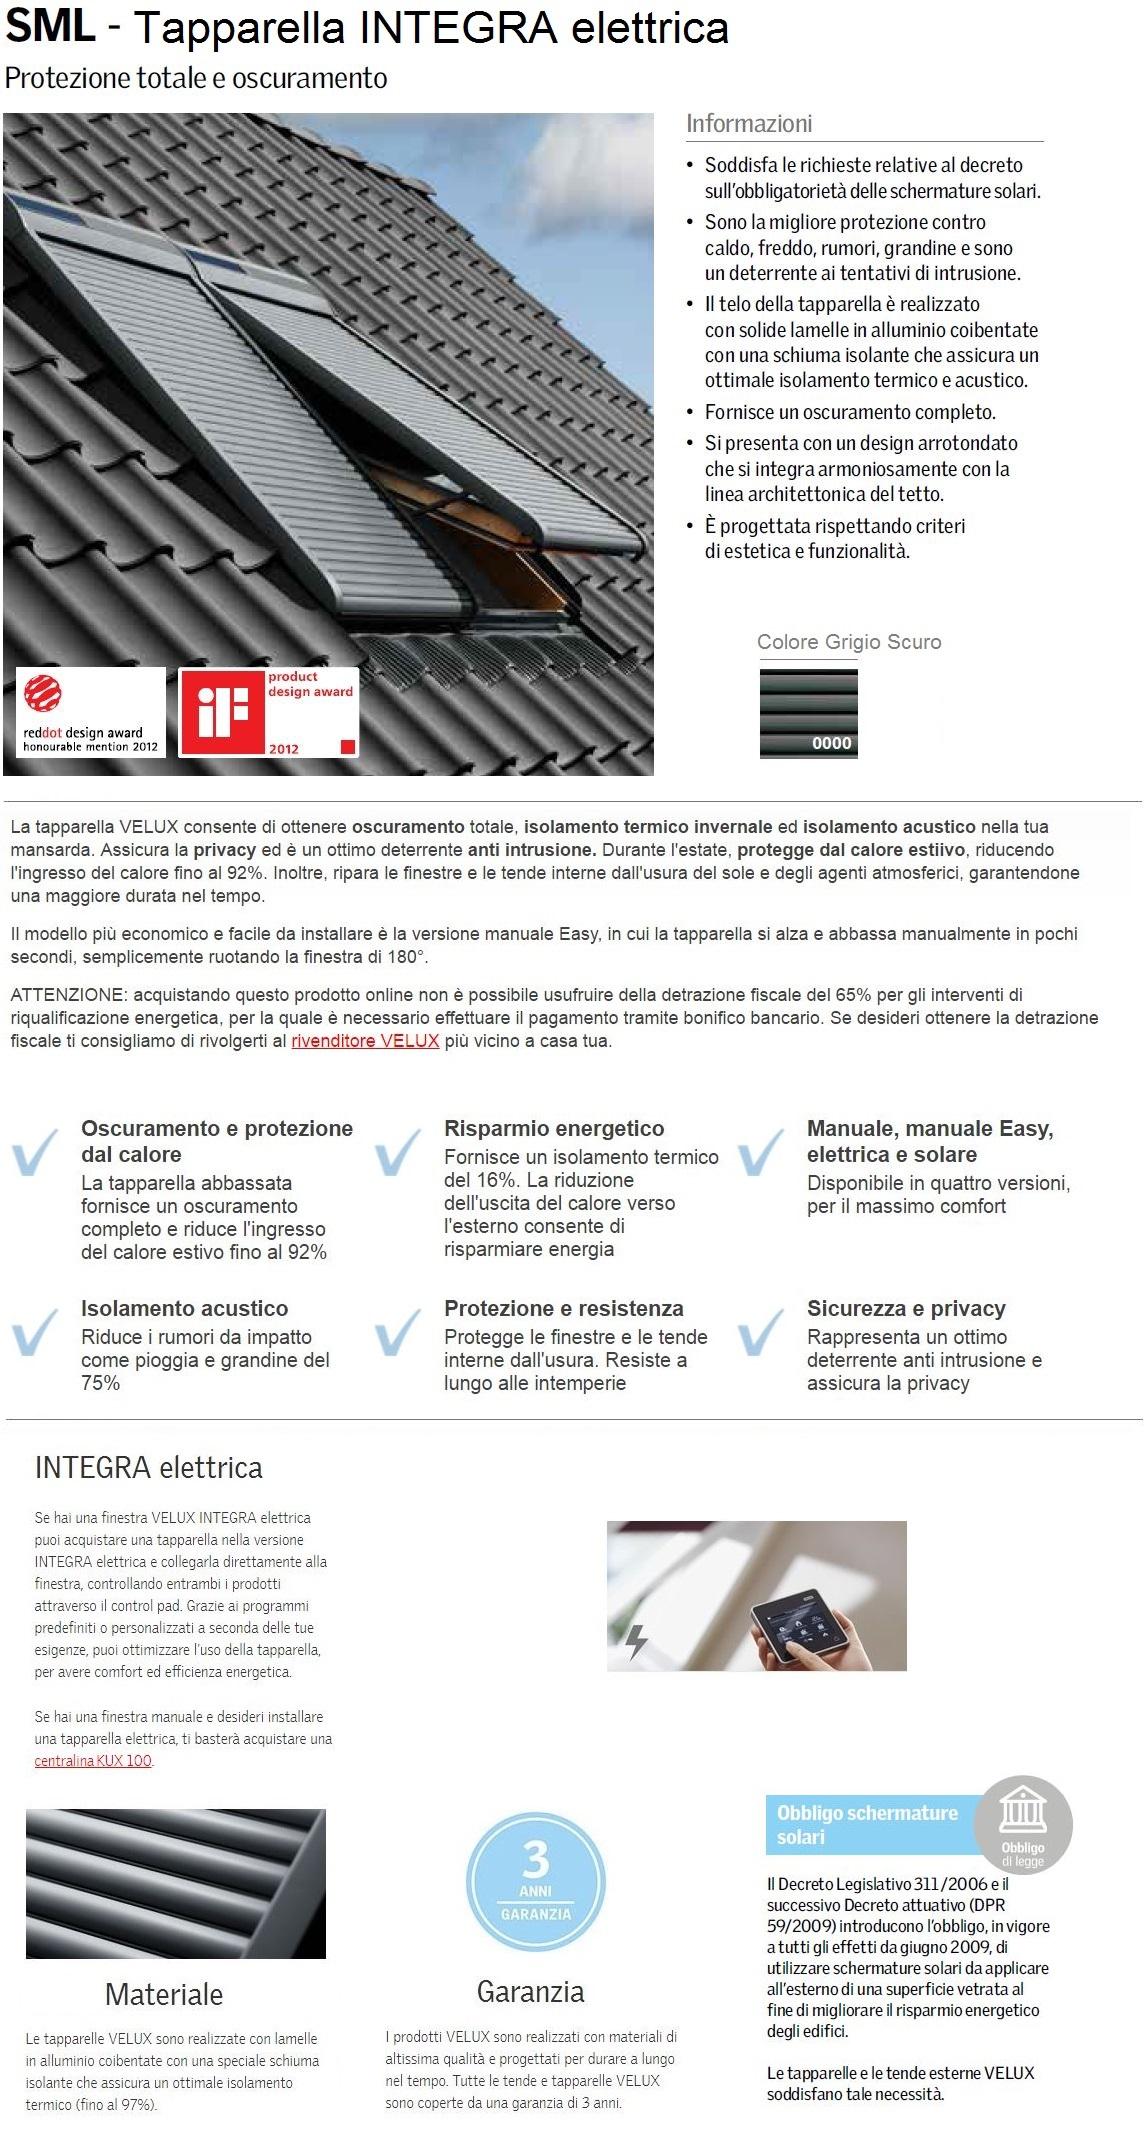 Tapparella esterna velux sml 0000s integra elettrica for Prezzi tapparelle elettriche velux